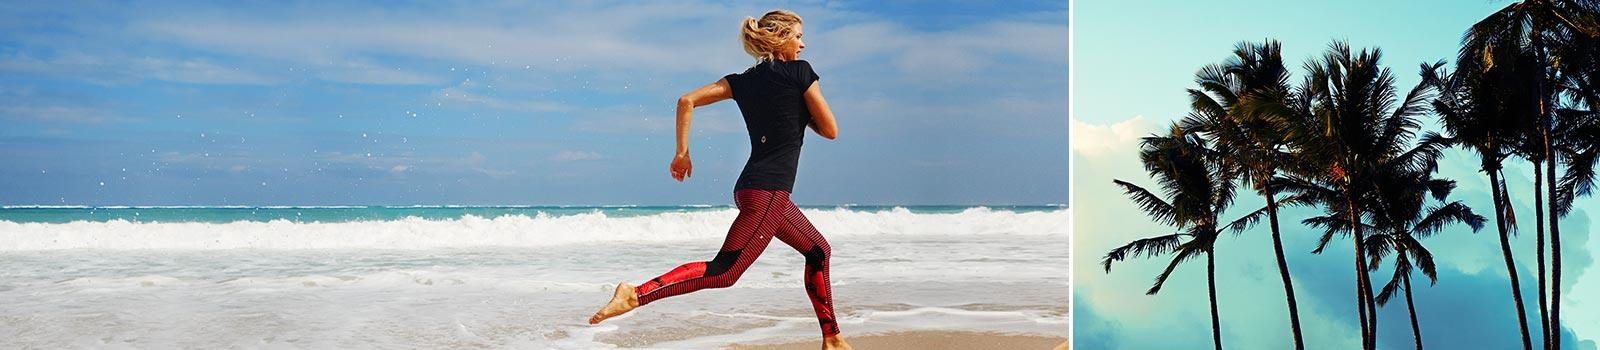 Купить Женский одежду для фитнеса, женские аксессуары для фитнеса